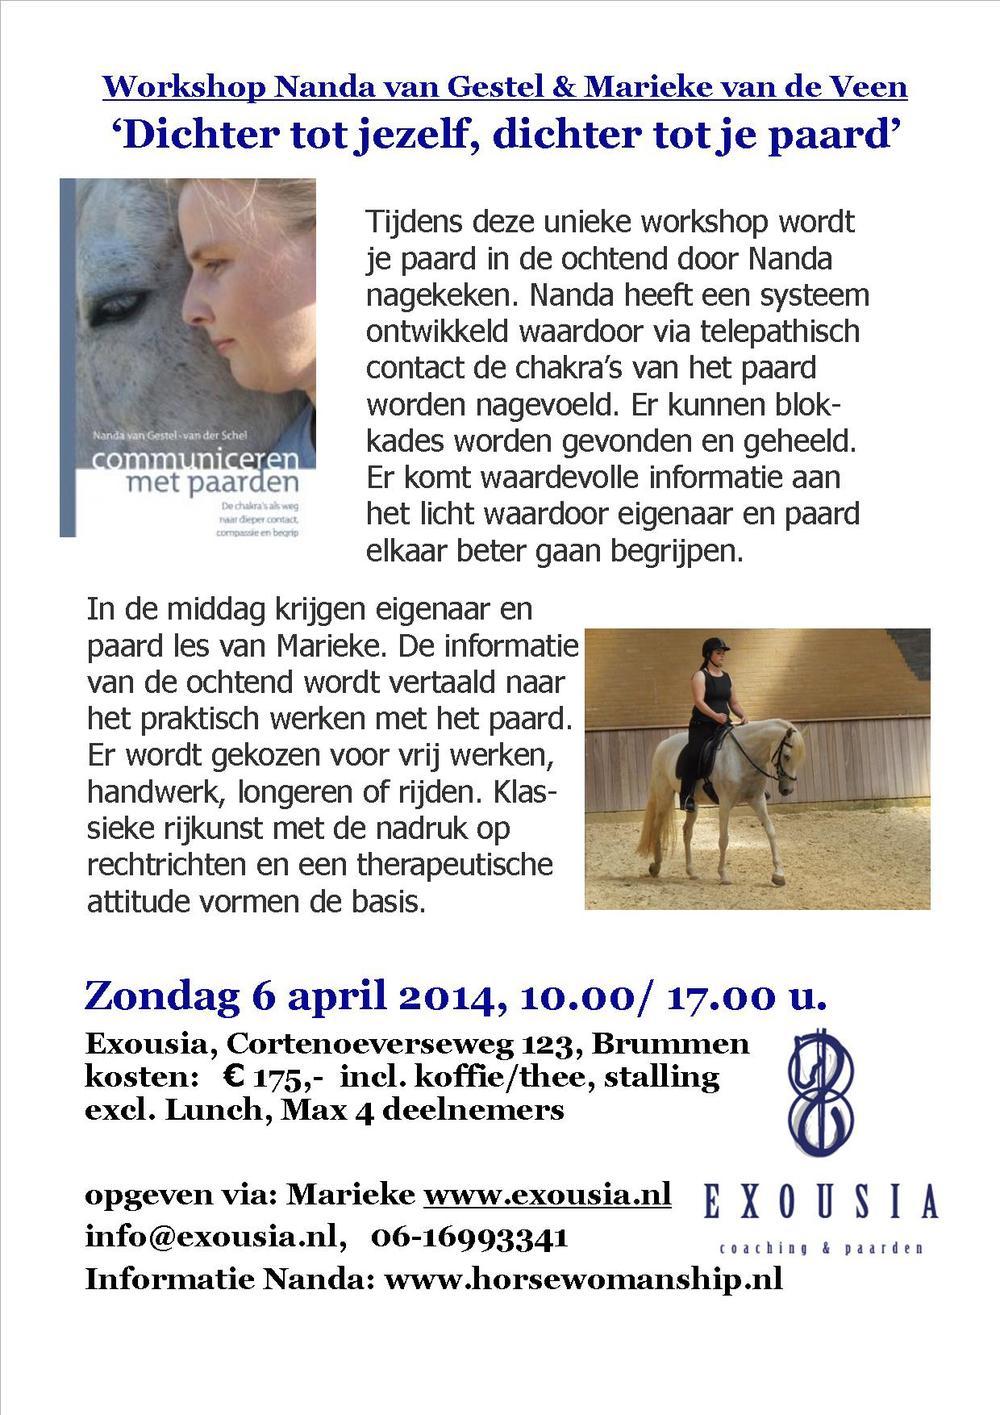 workshop dichter tot jezelf, dichter tot je paard 6-4-2014.jpg